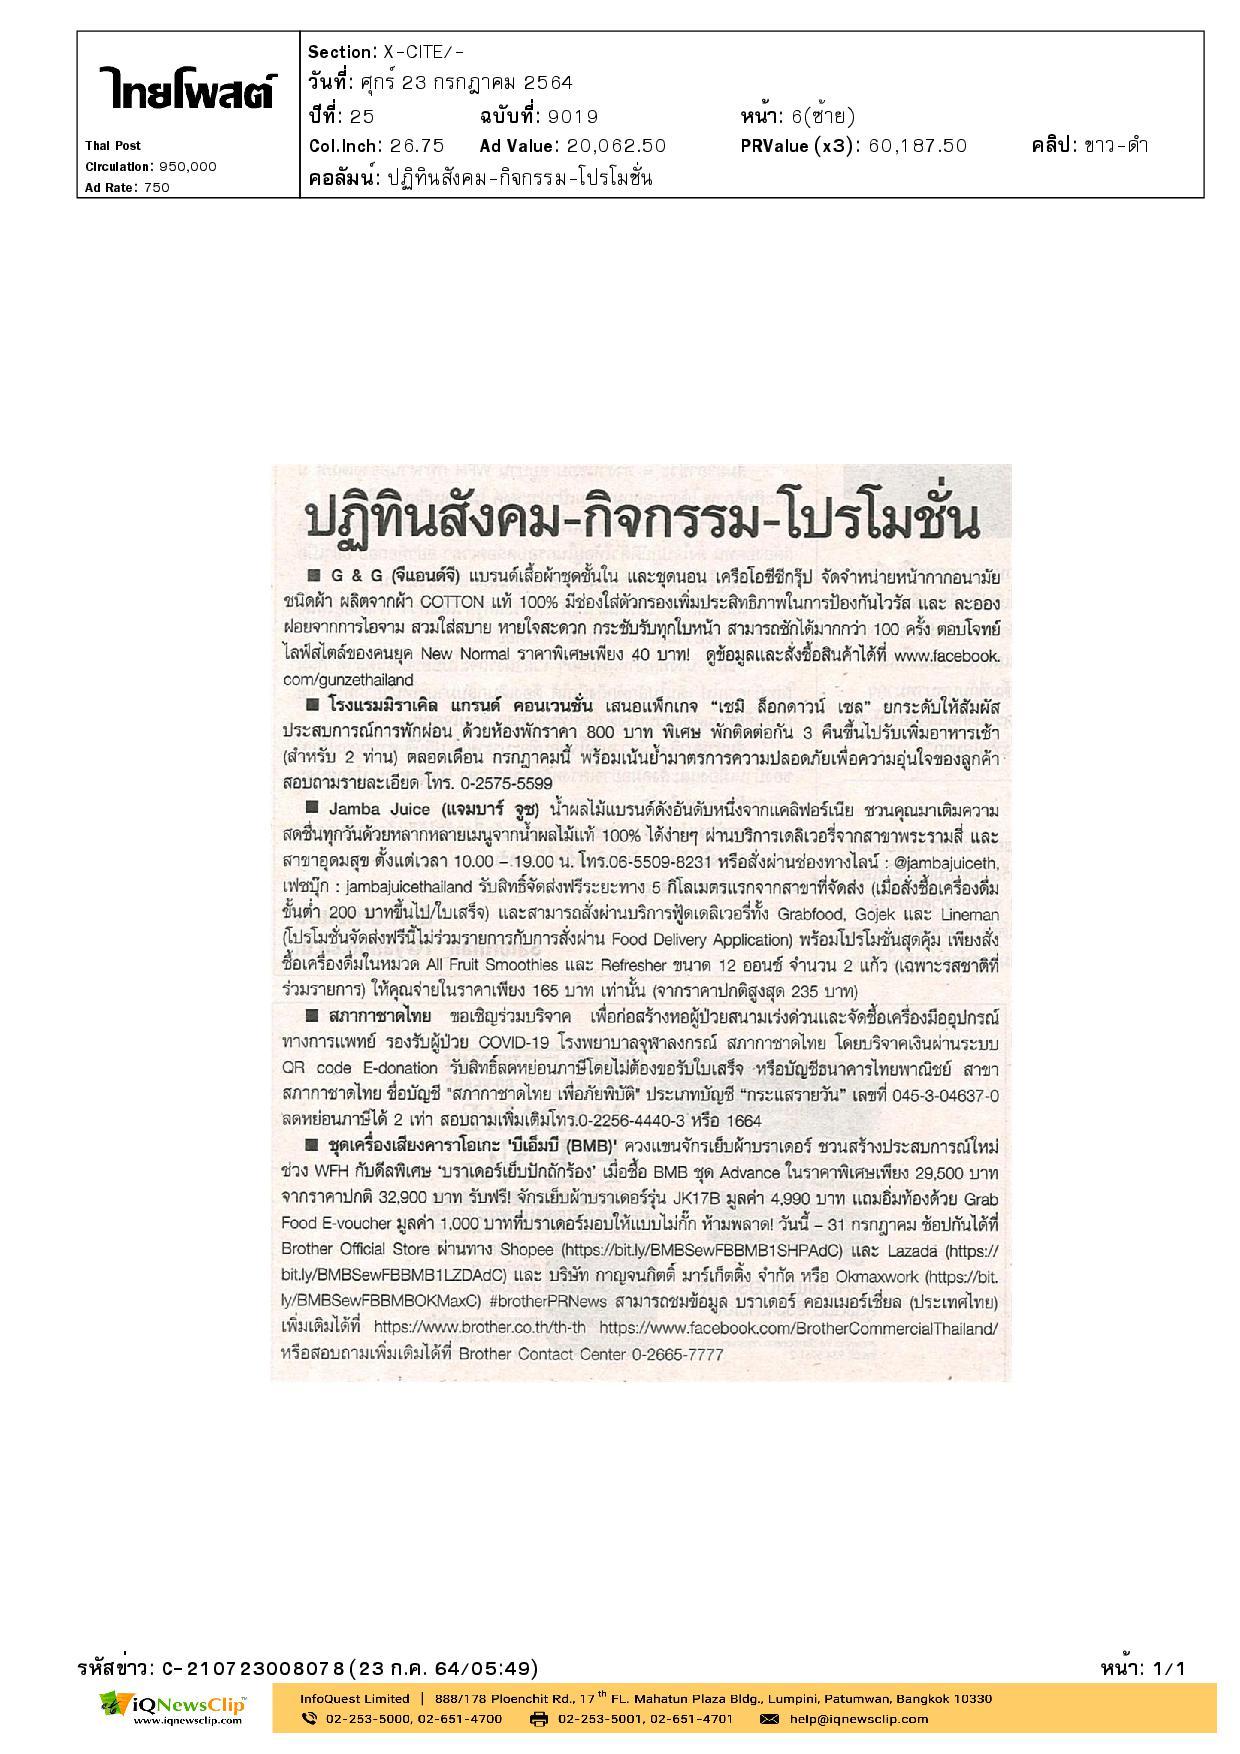 สภากาชาดไทย เชิญชวนร่วมบริจาคเพื่อก่อสร้างหอผู้ป่วยสนามเร่งด่วนและจัดซื้ออุปกรณ์ทางการแพทย์ รองรับผู้ป่วยโควิด-19 รพ.จุฬาฯ